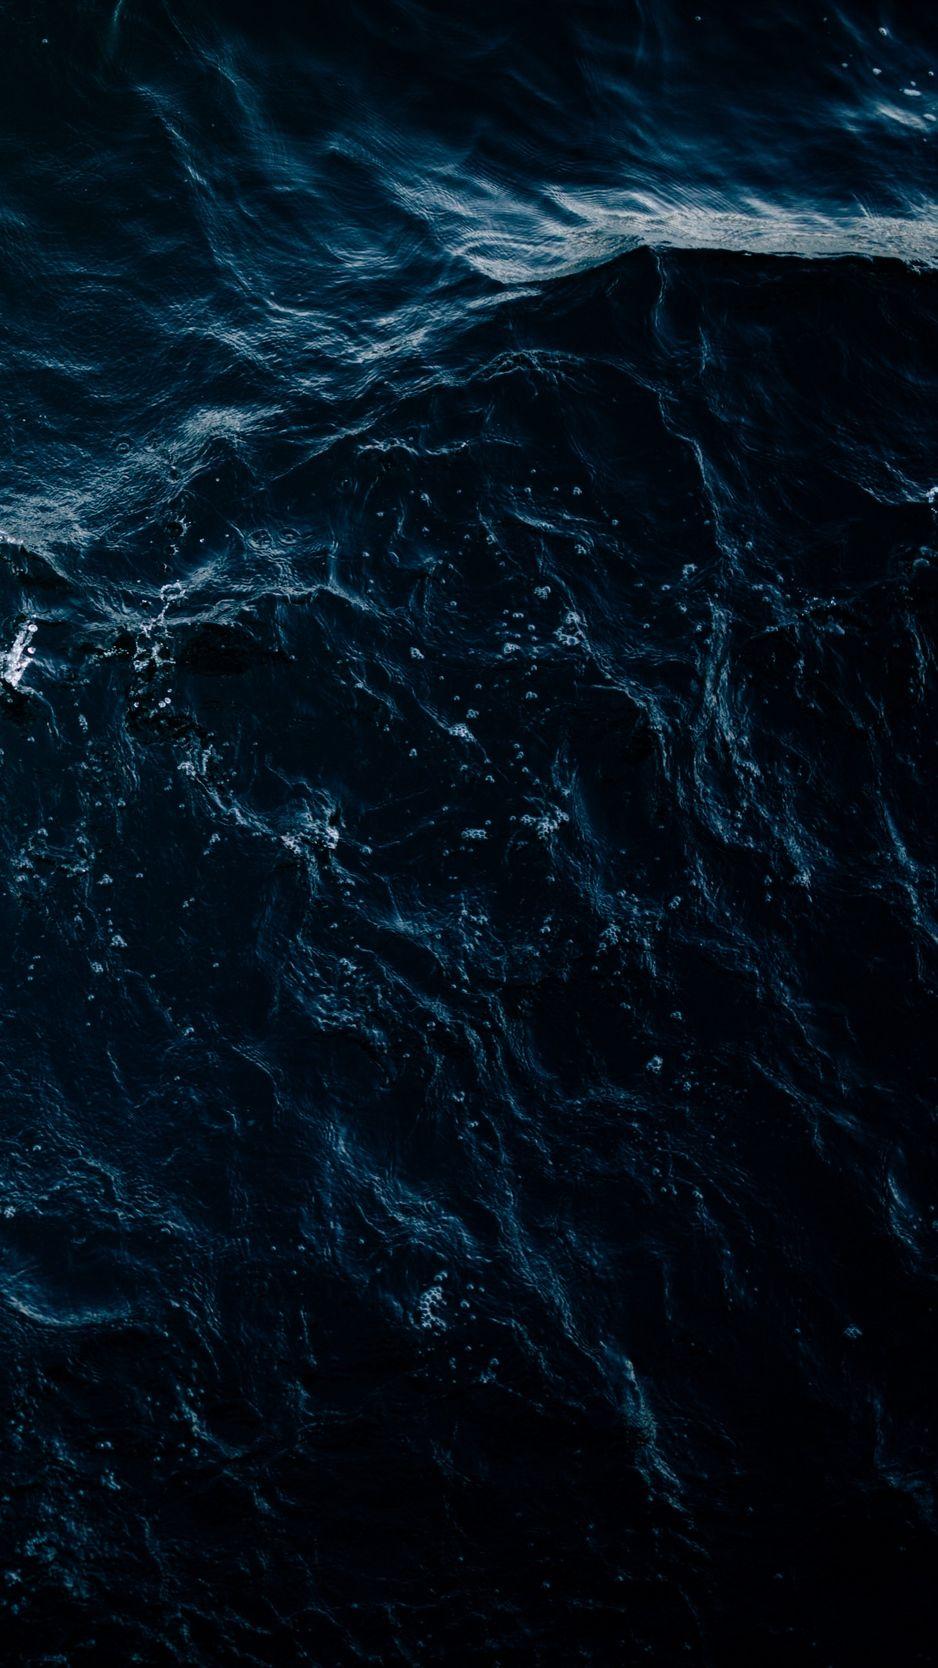 Sea Waves Splashes Dark Wallpaper Background Iphone Ocean Wallpaper Dark Wallpaper Iphone Dark Wallpaper